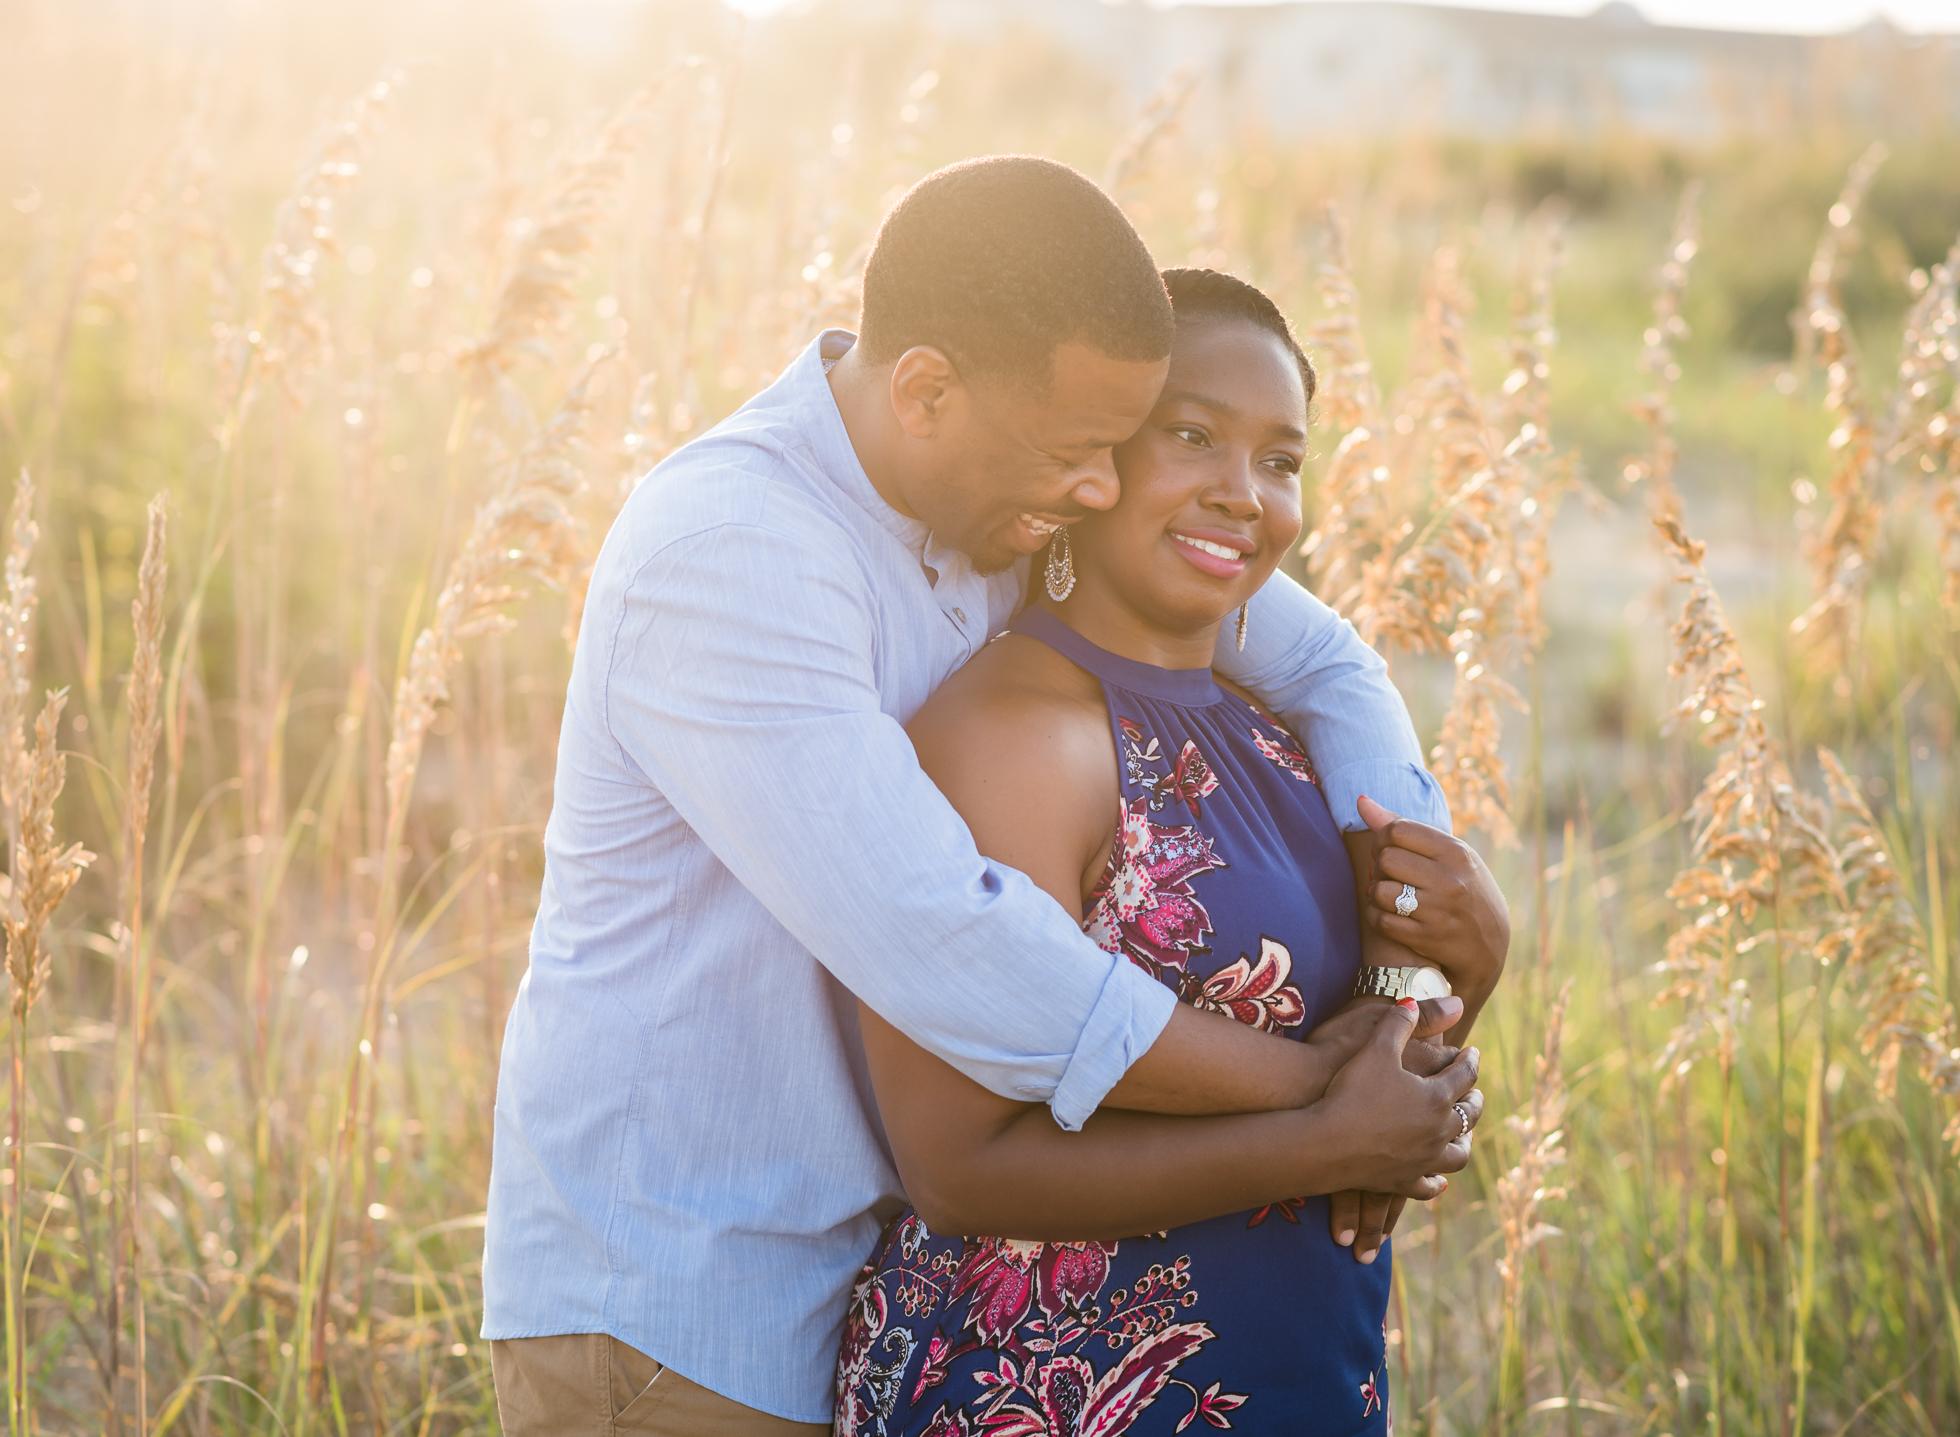 北端弗吉尼亚海滩订婚夫妇肖像摄影师周年纪念